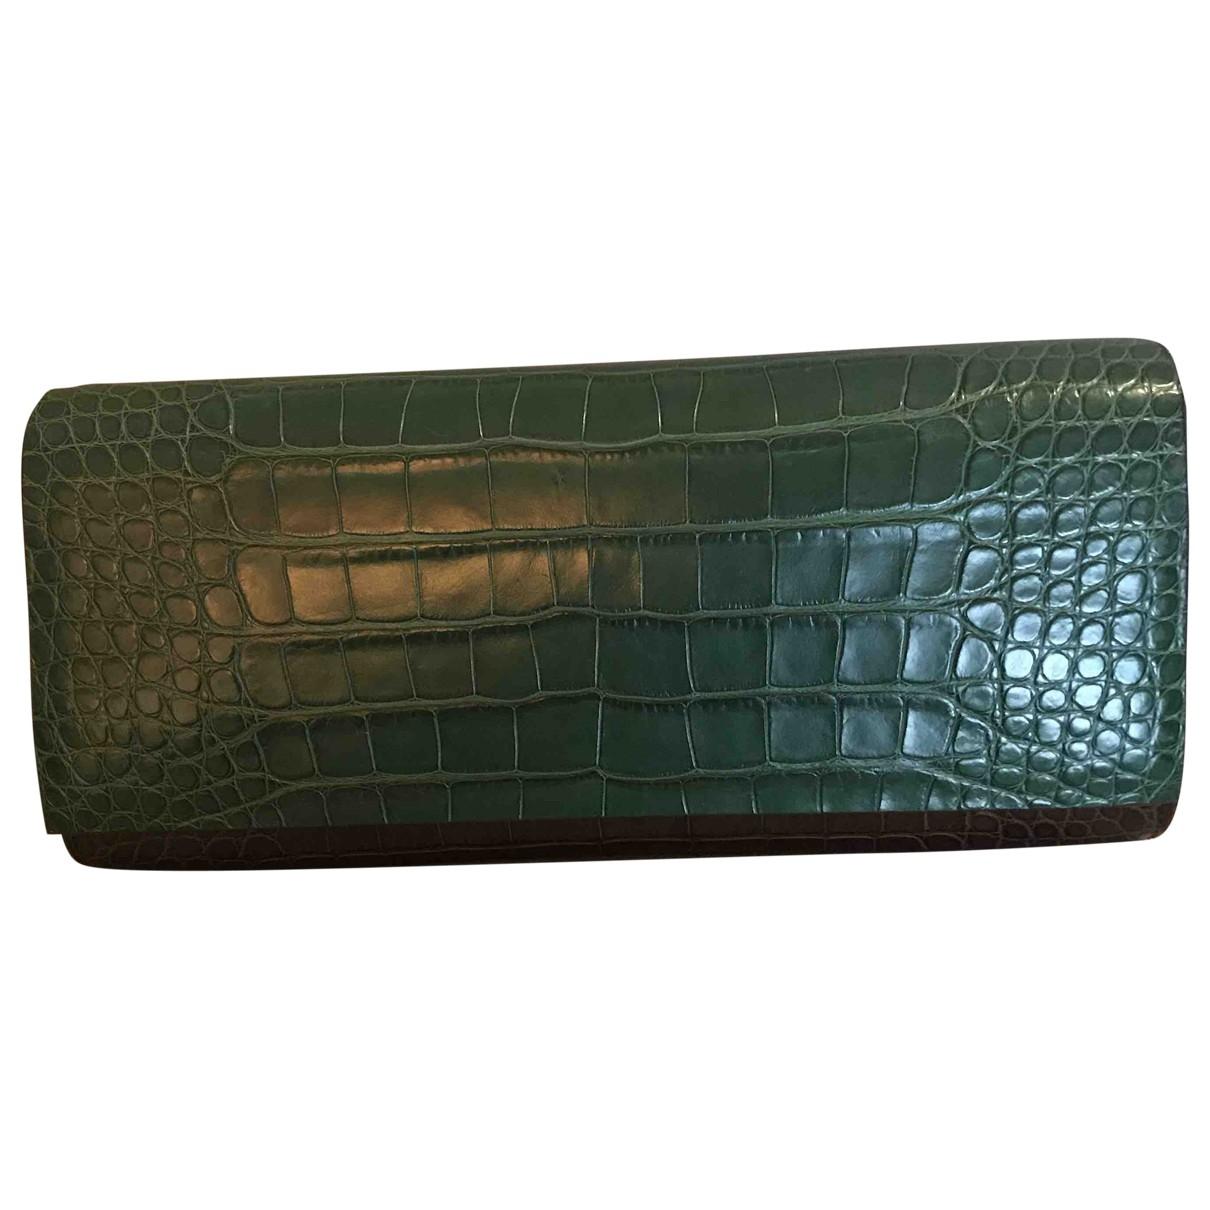 Tess Van Ghert \N brown/green Leather Clutch bag for Women \N